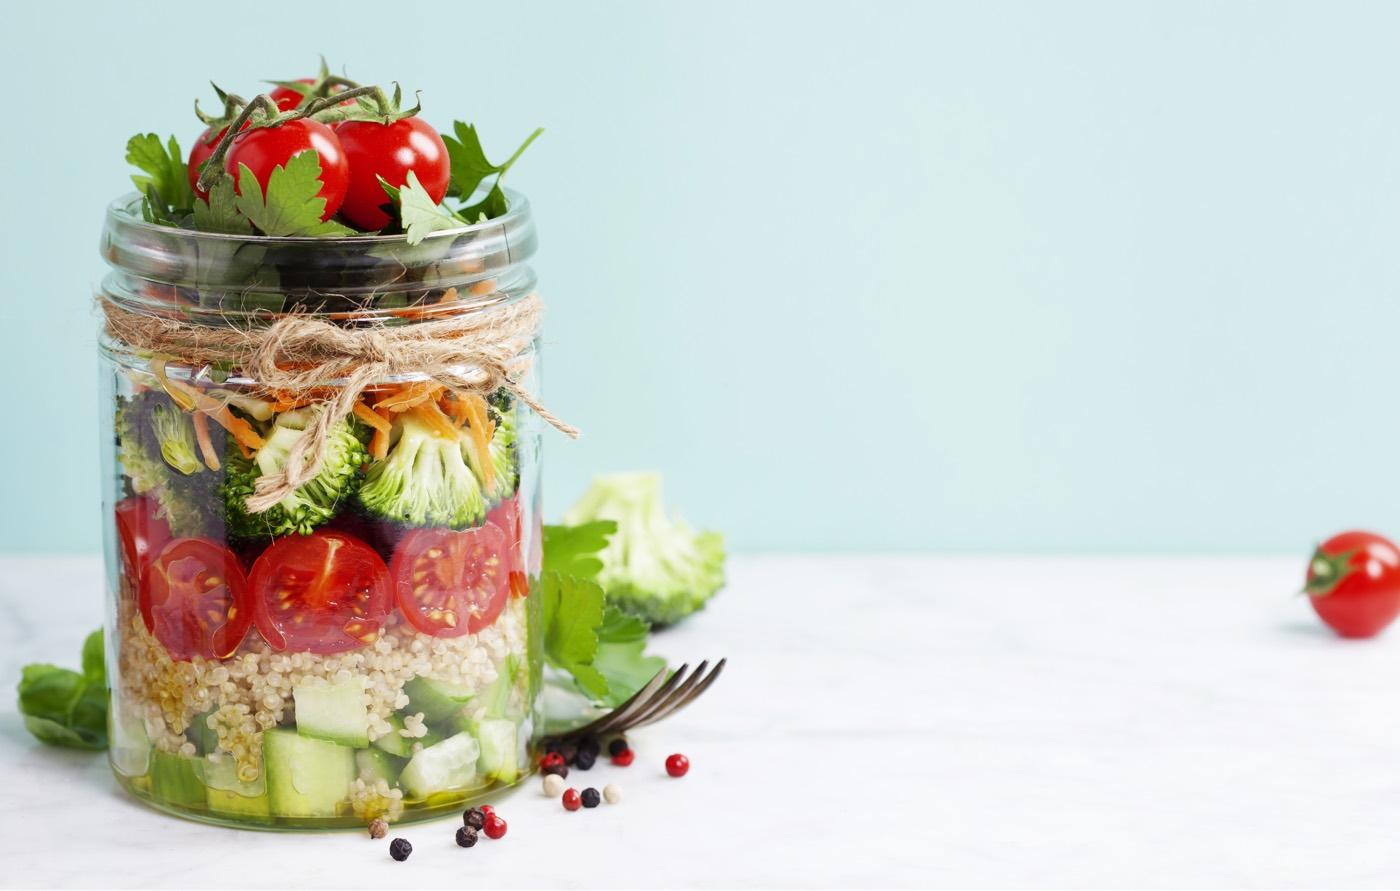 Insalata in vasetto o insalata Jar: Scopri la ricetta sfiziosa per prepararla